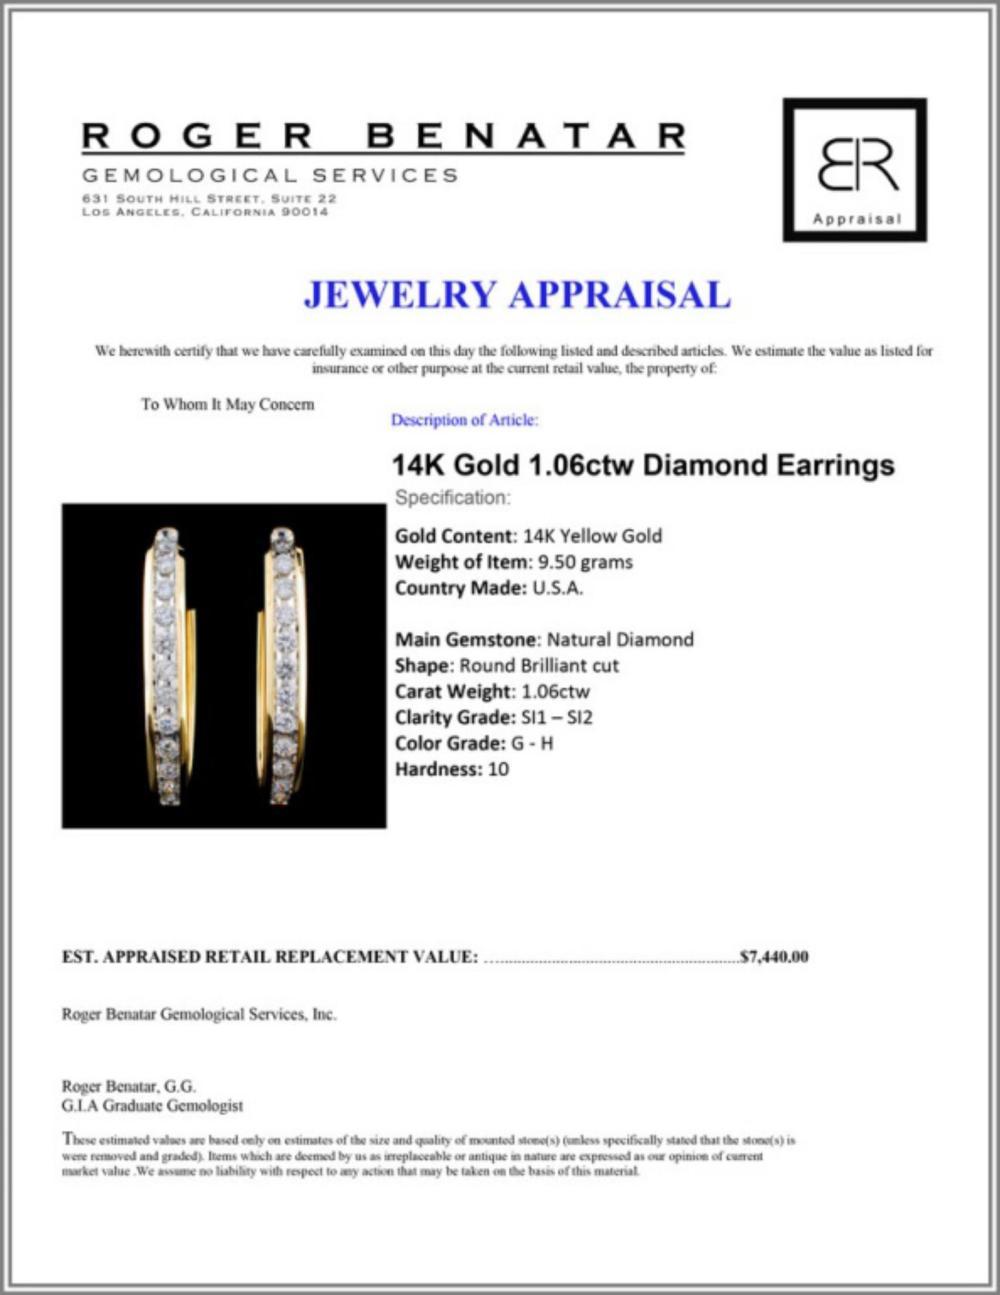 Lot 162: 14K Gold 1.06ctw Diamond Earrings